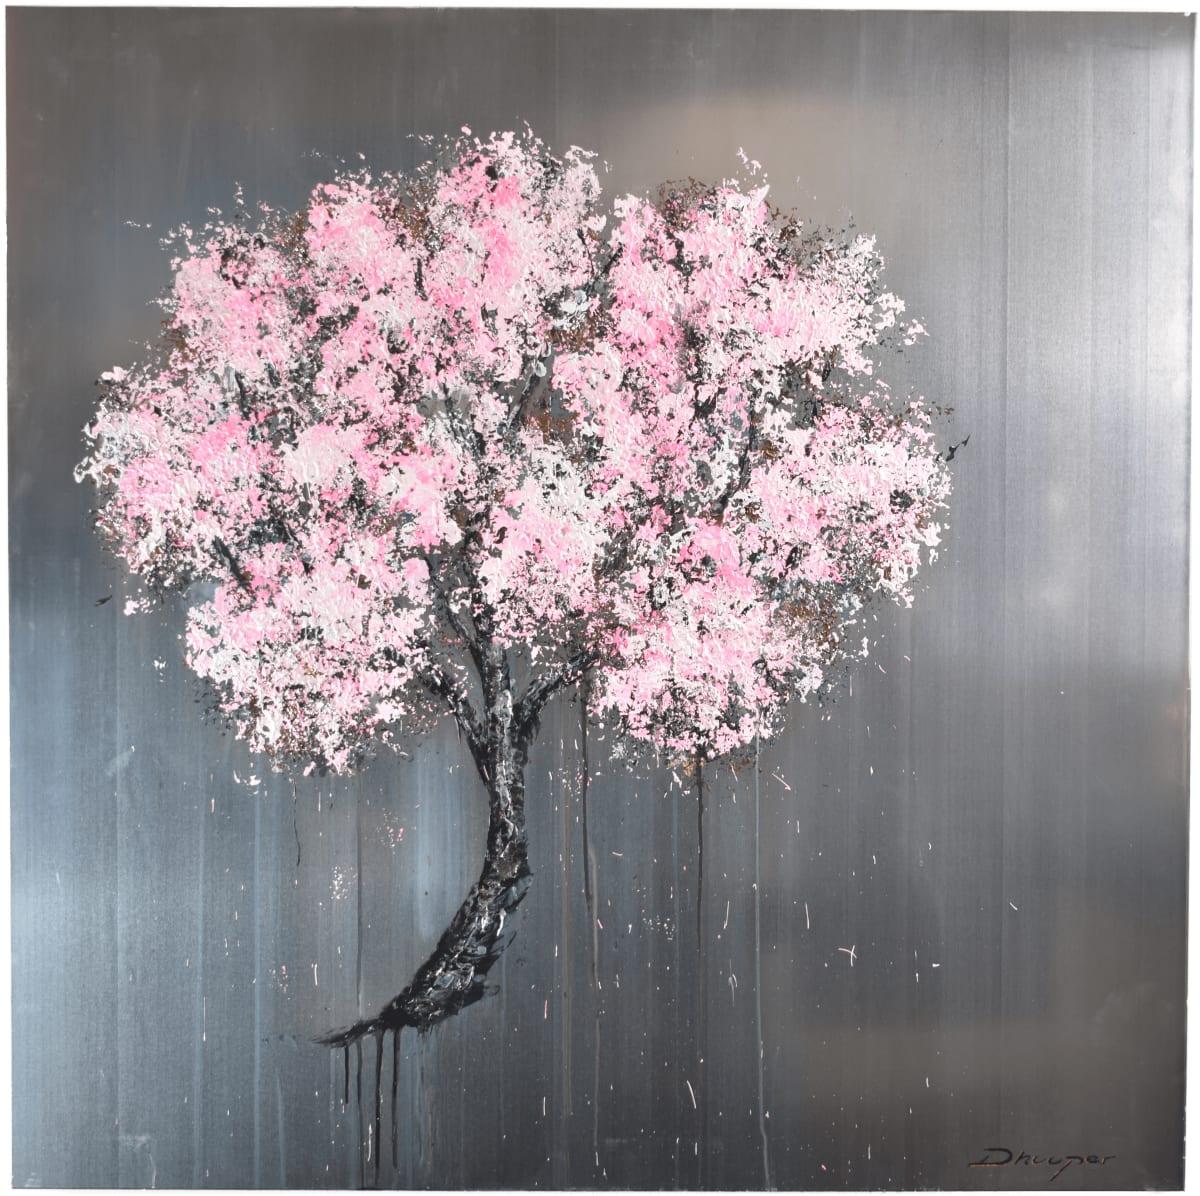 Daniel Hooper, Tree of Eternity